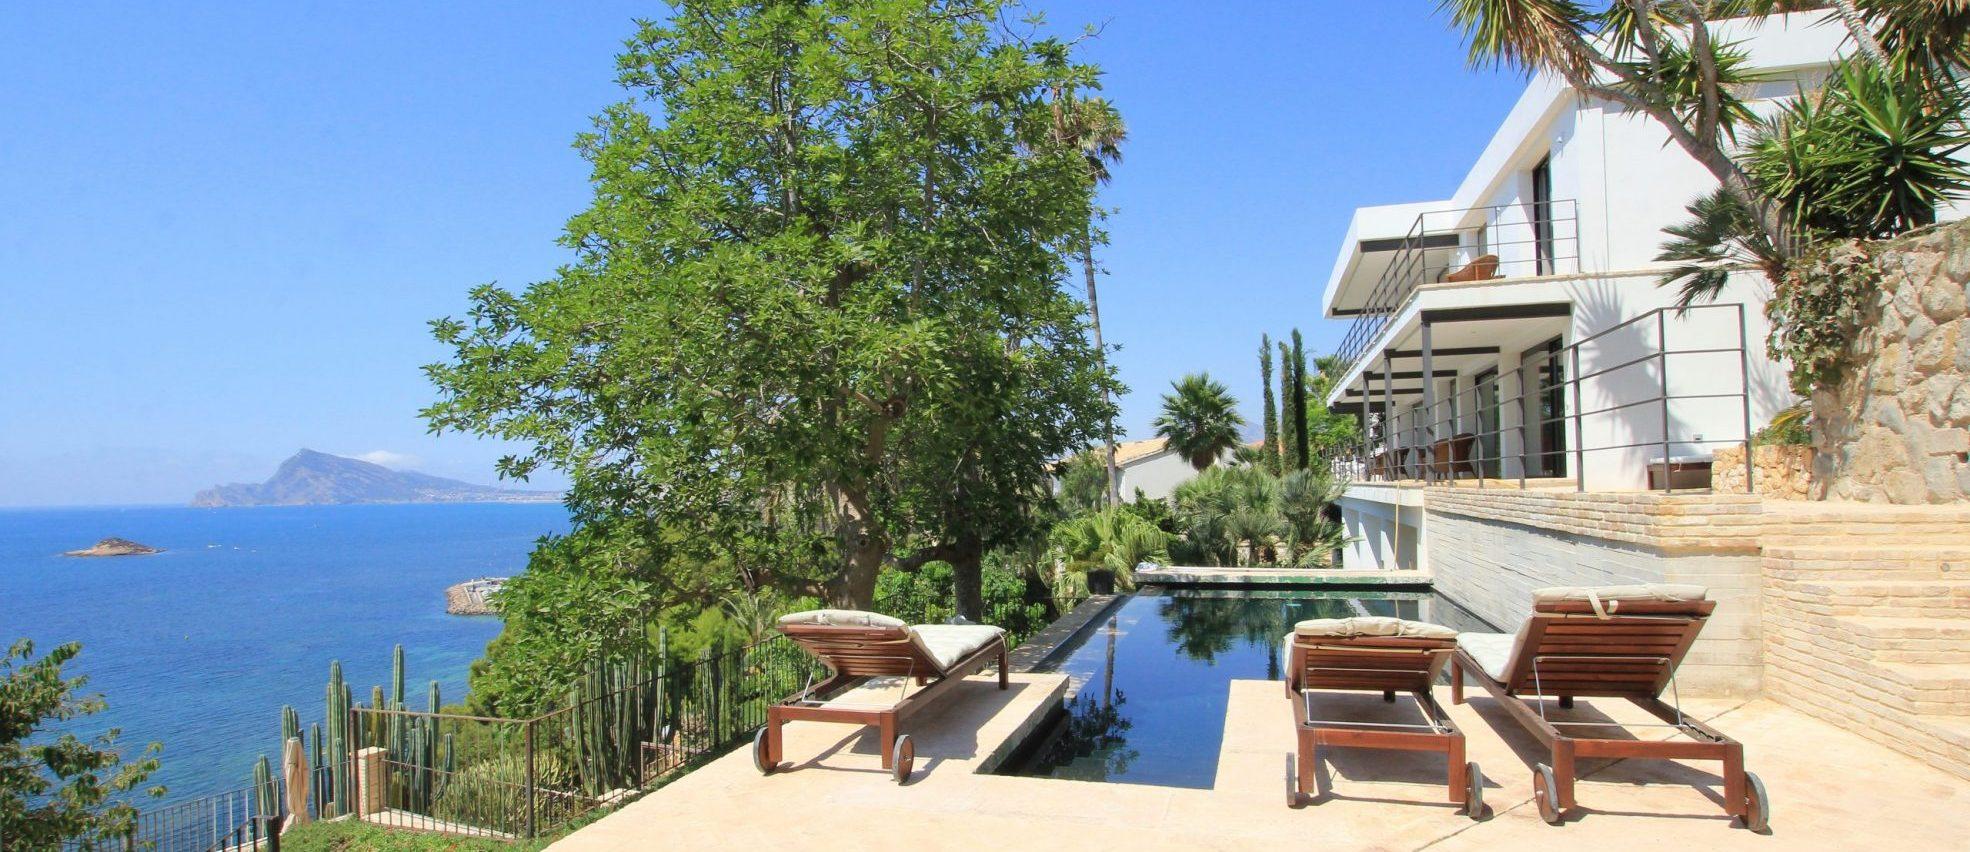 Villa de nueva construcción en primera línea en Altea / Alicante en alquiler!